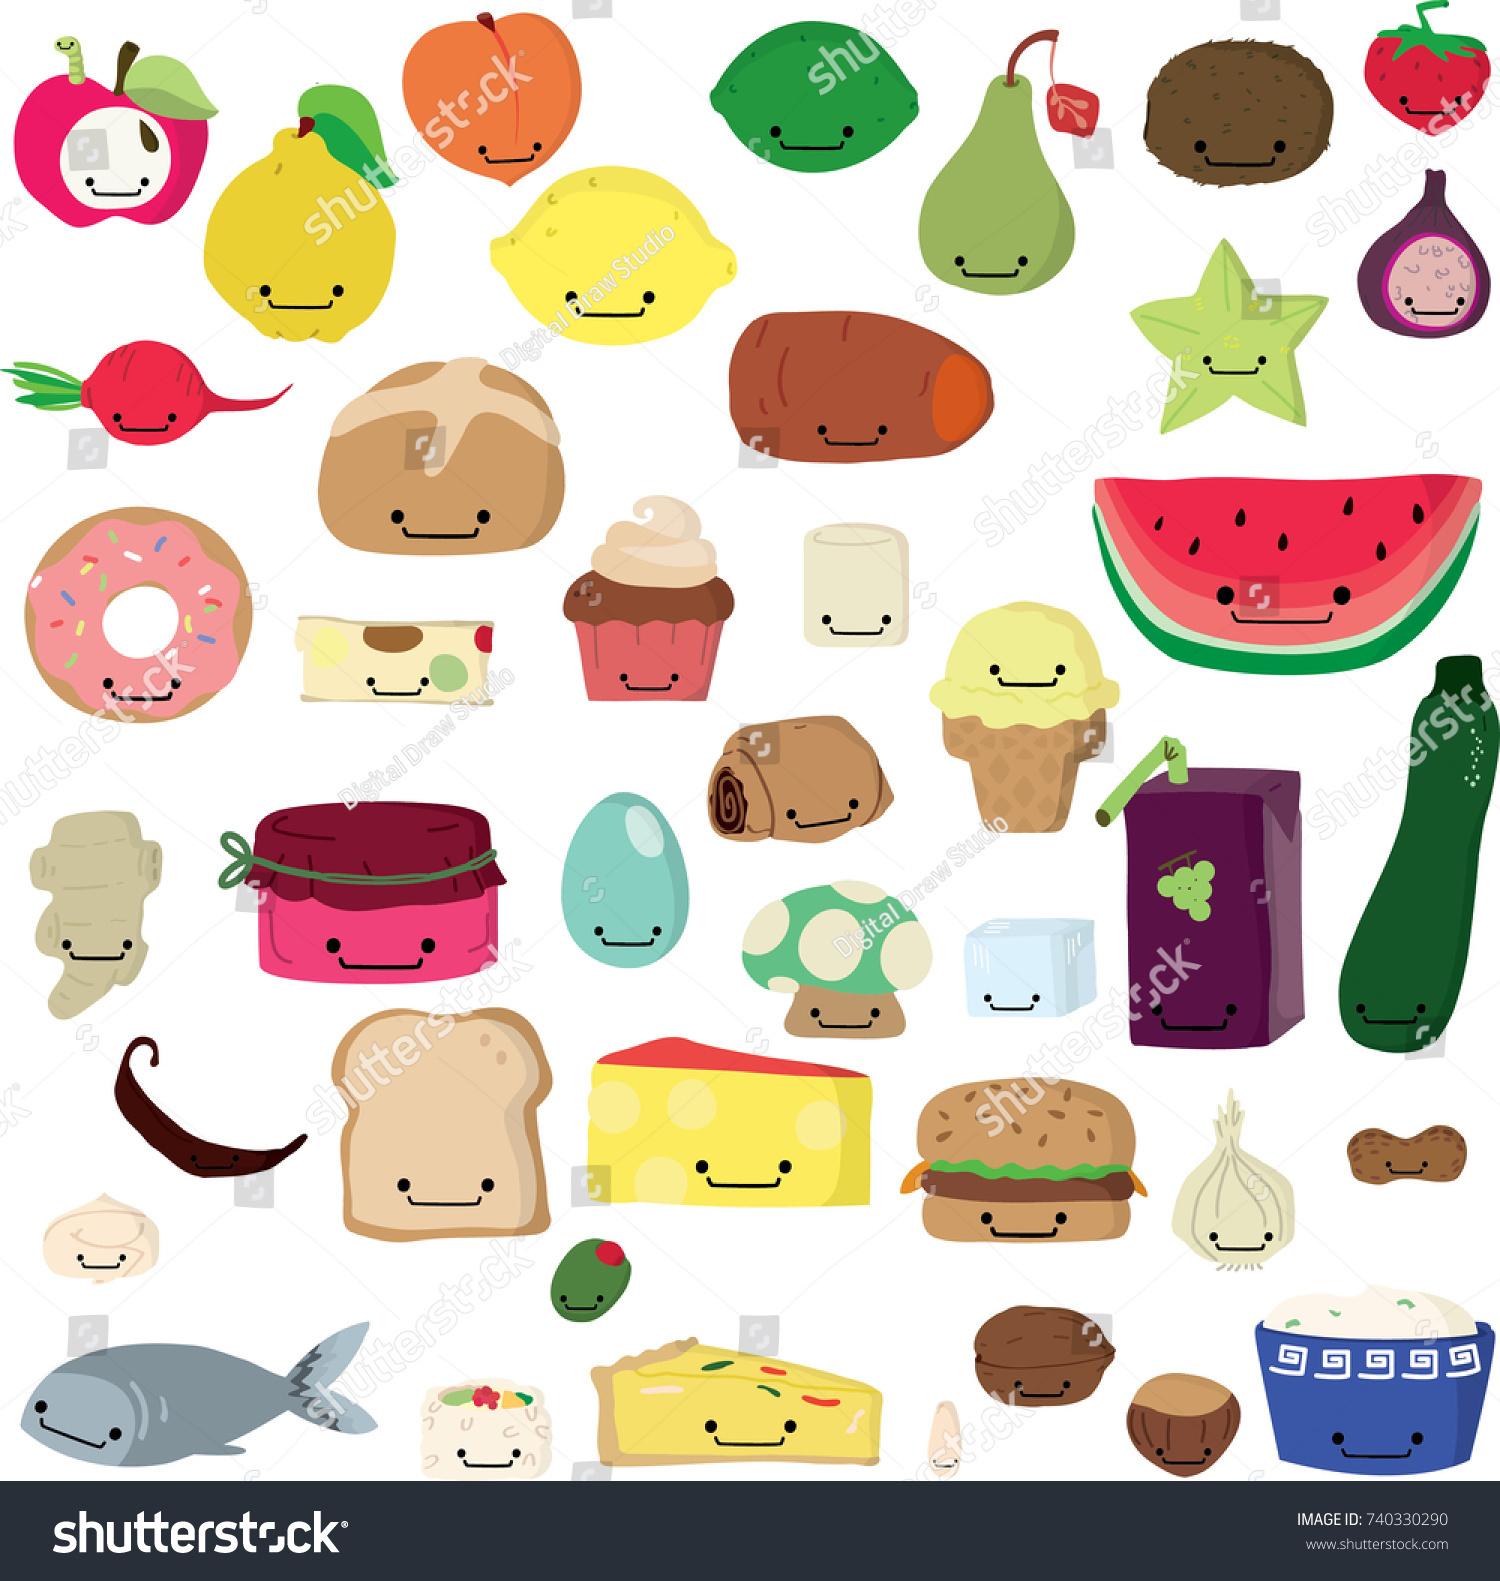 Image Vectorielle De Stock De Cute Freehand Fruit Vegetable Kawaii Colored 740330290